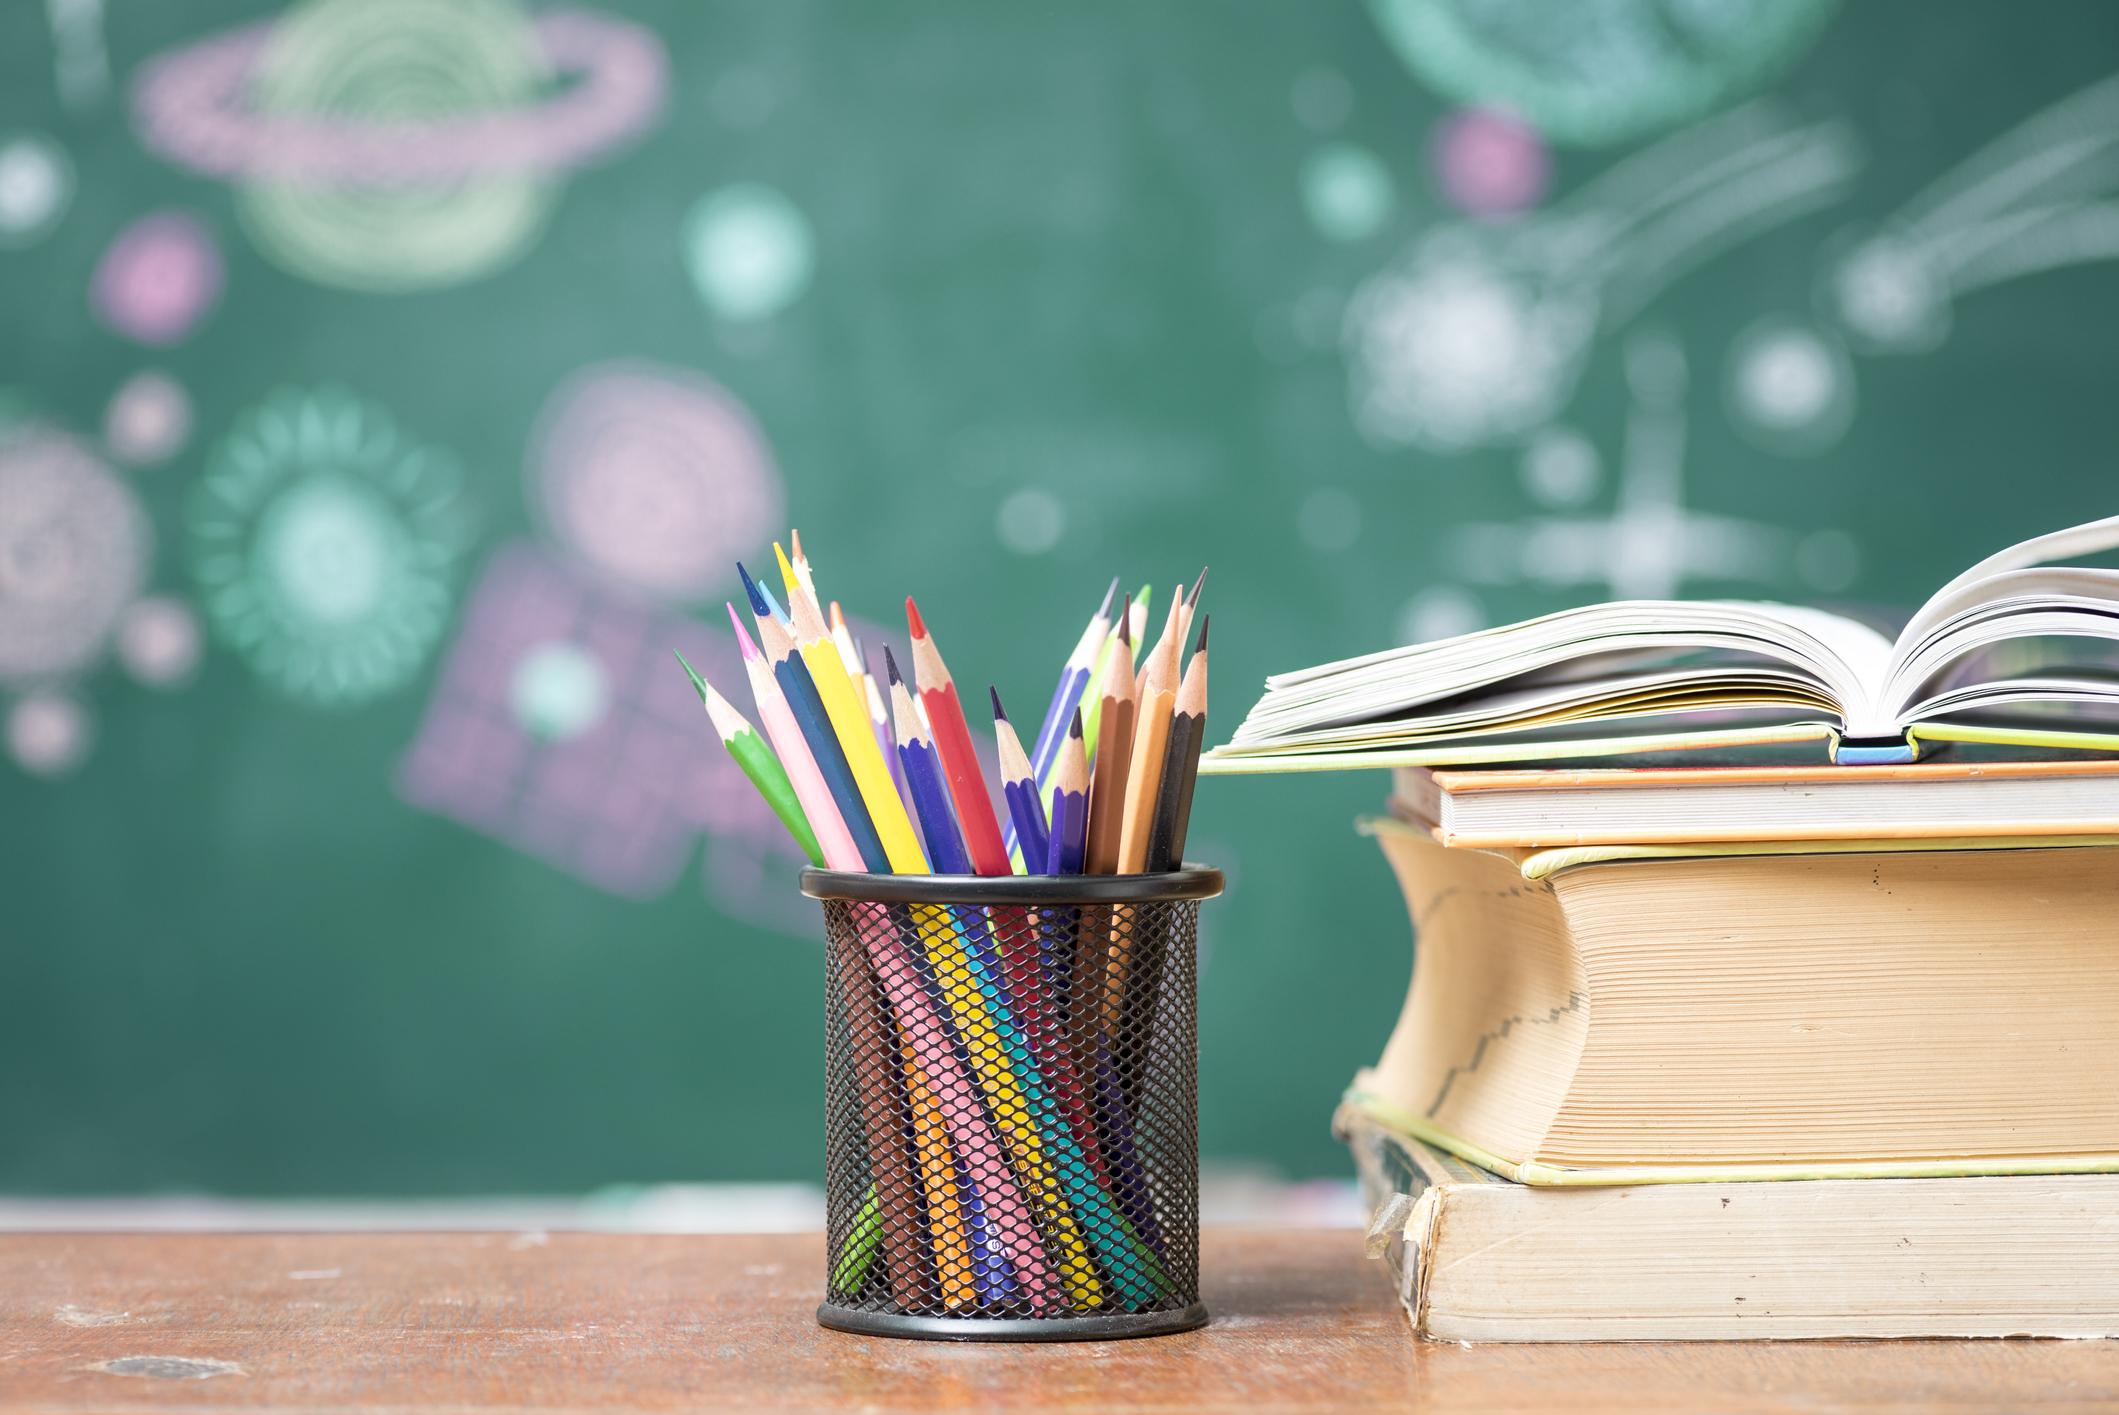 از پرداخت کامل مطالبات معلمان تا کاهش ۲۰ دقیقهای آموزش زبان انگلیسی